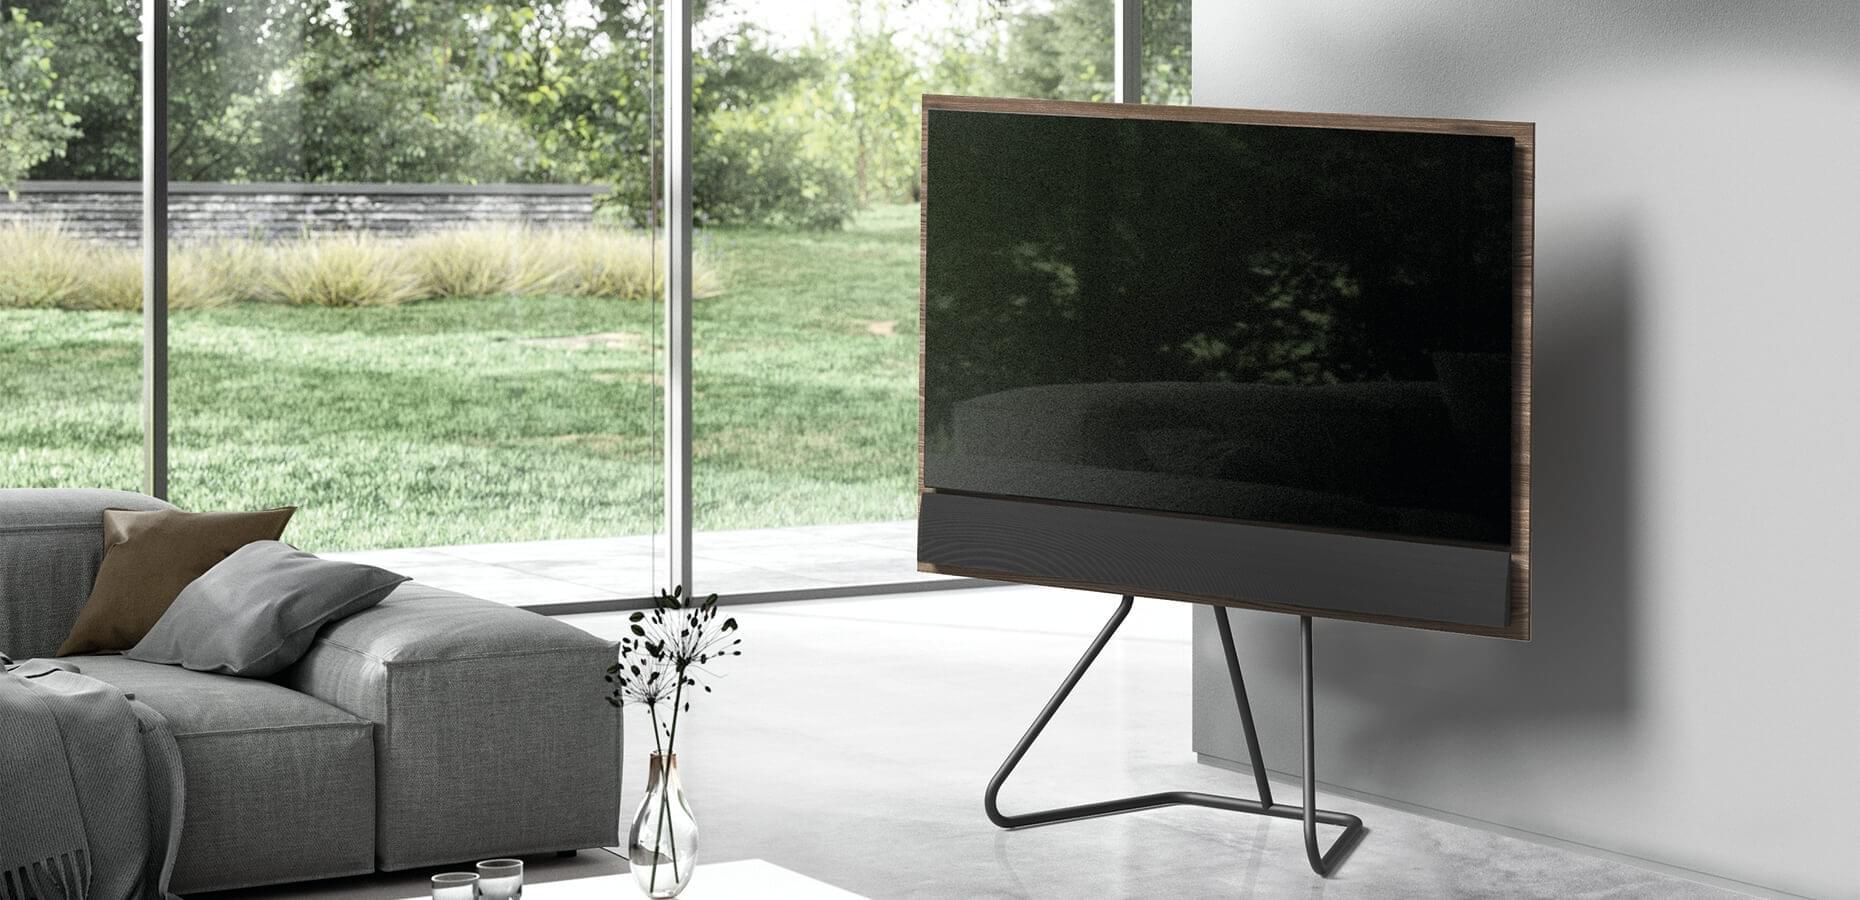 Spectral Tube GX31SP-55 tv-standaard voor LG GX gallery design tv